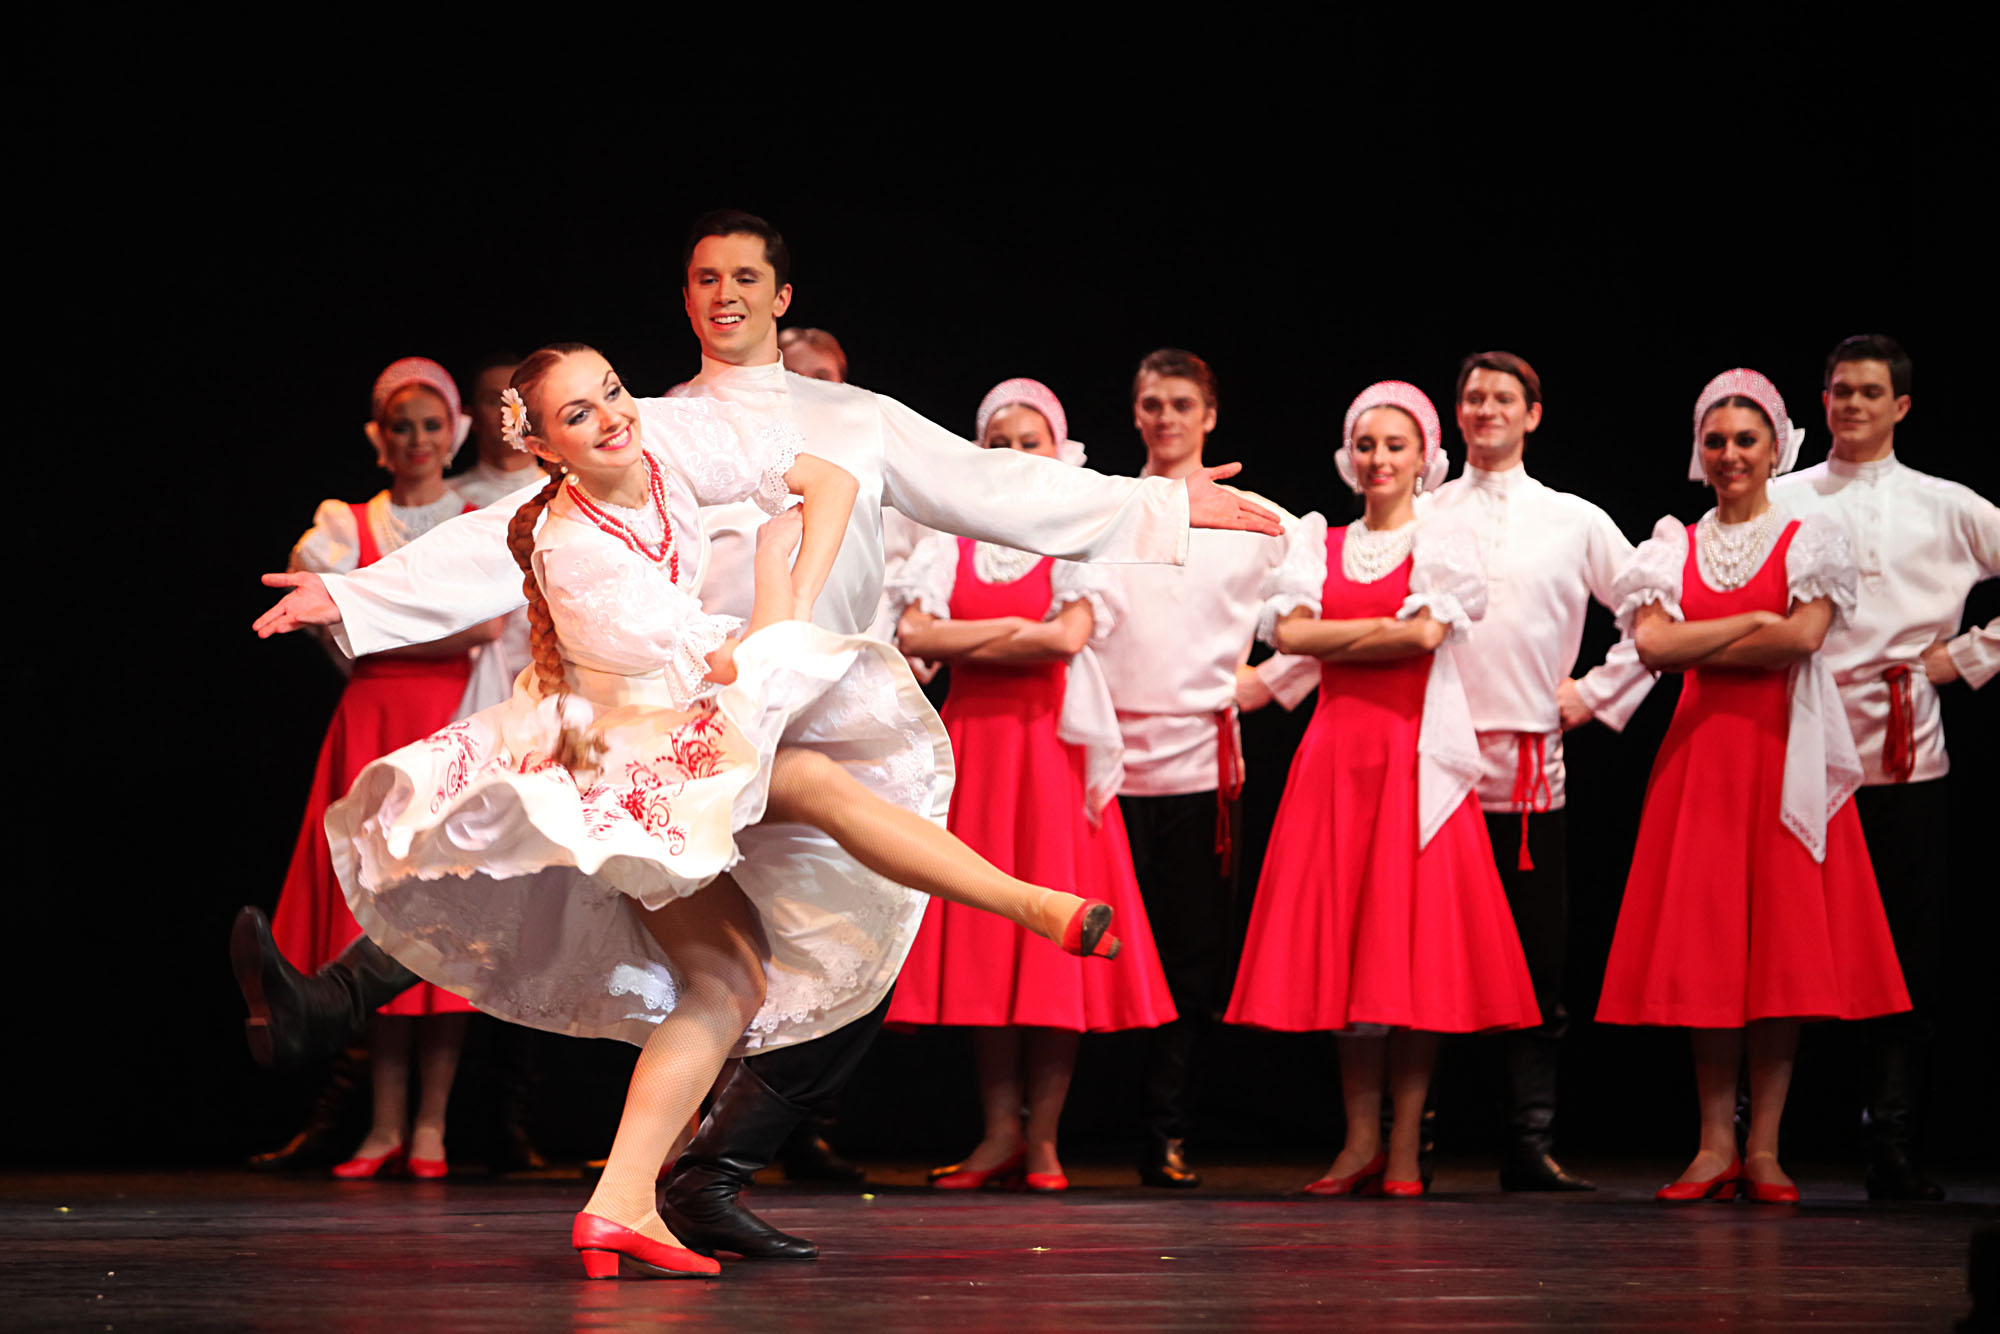 Akademi Negeri Ansambel Tarian-tarian Populer Igor Moiseyev (atau lebih dikenal sebagai Igor Moiseyev Ballet) dari Rusia untuk pertama kalinya tampil di Jakarta pada Senin (31/10) malam. Acara ini berlangsung di Grand Ballroom Kempinski, Hotel Indonesia.